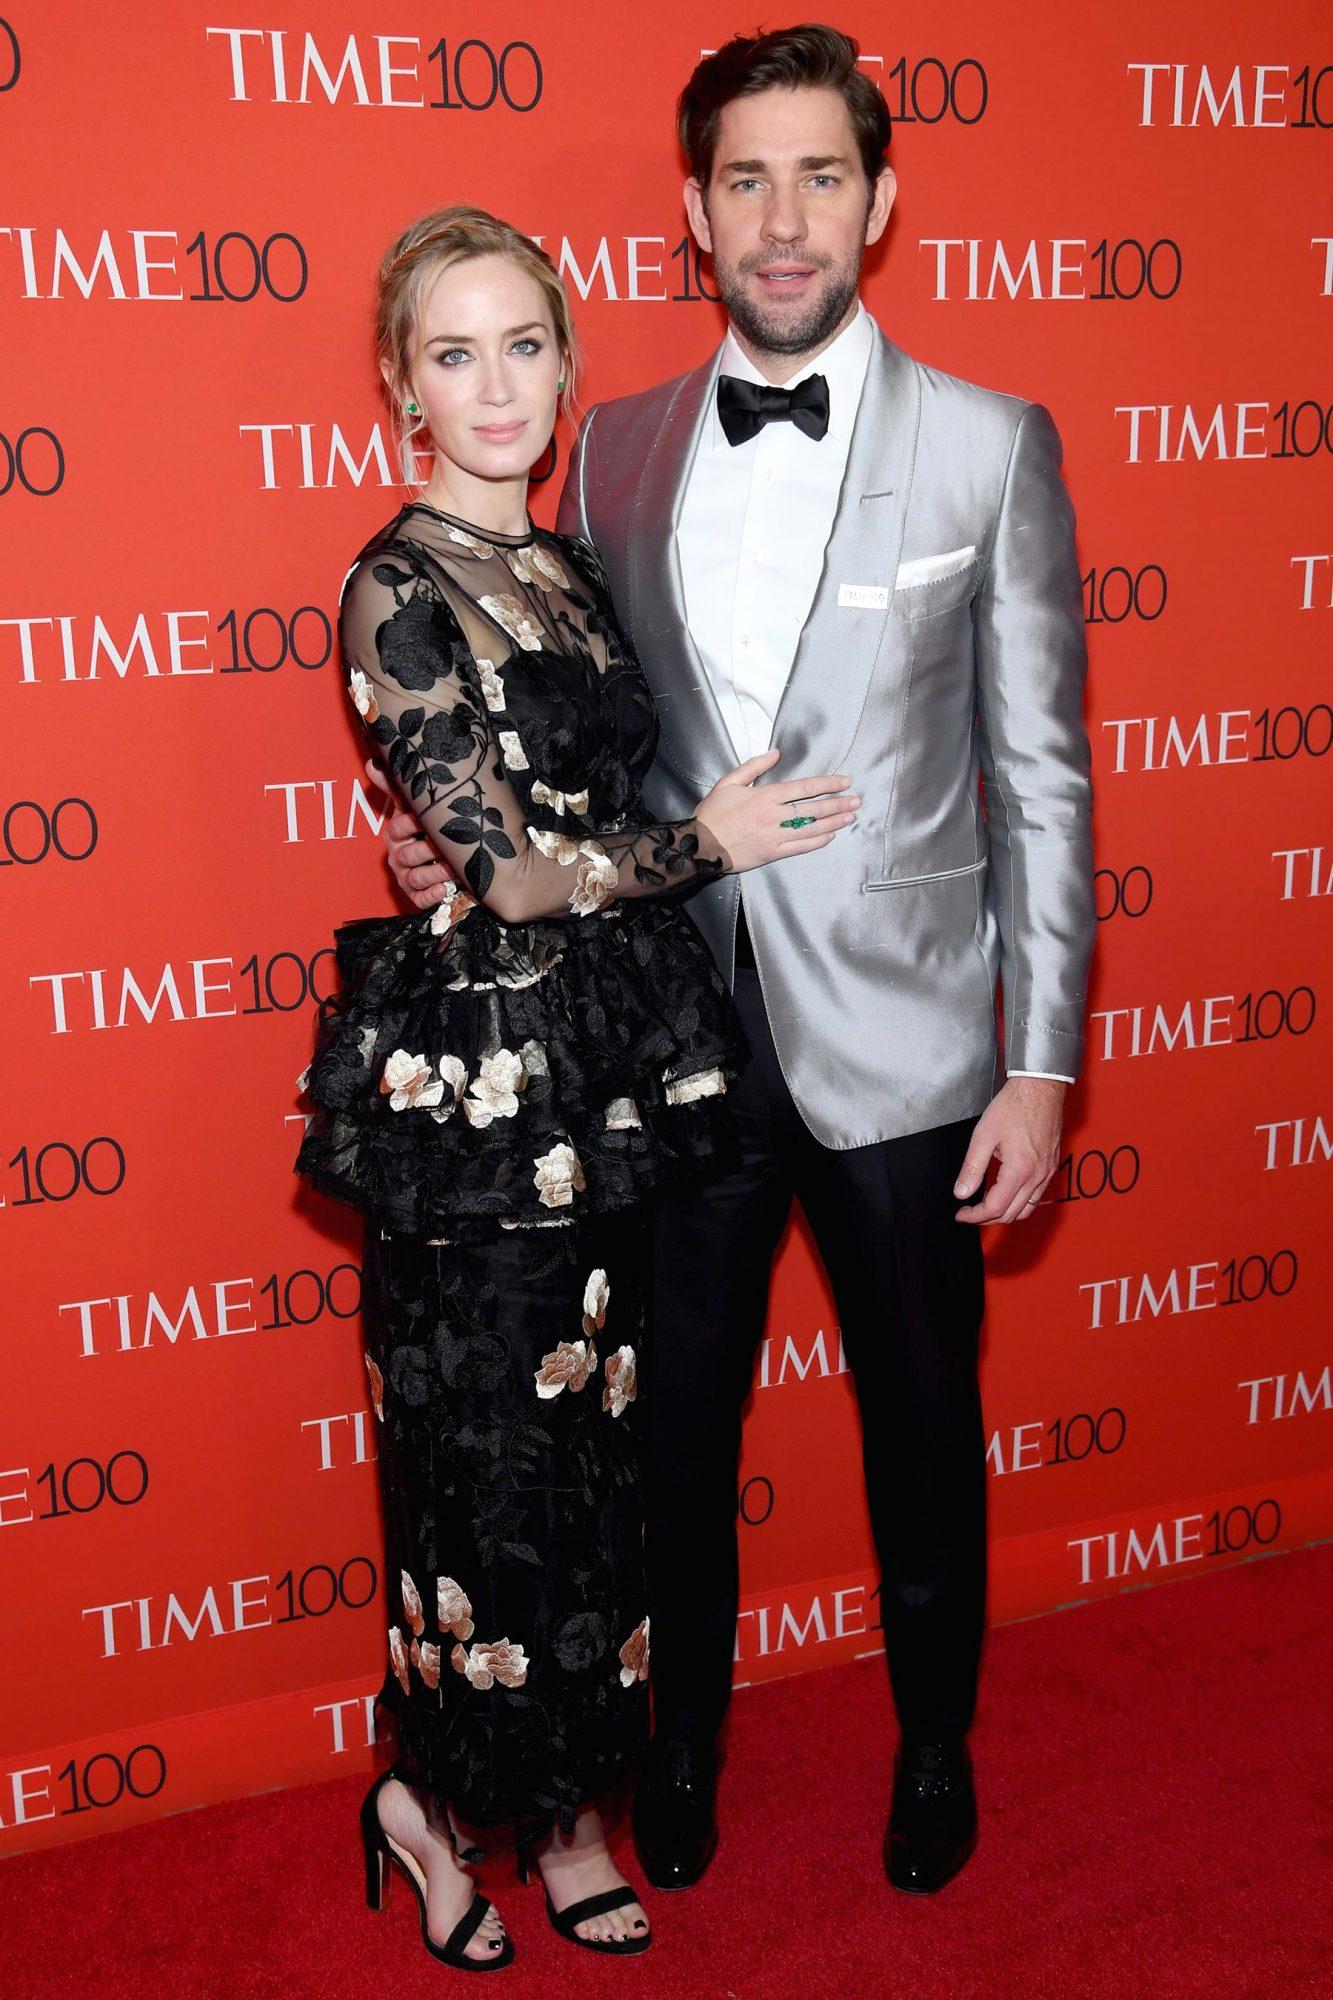 2018 Time 100 Gala - Red Carpet